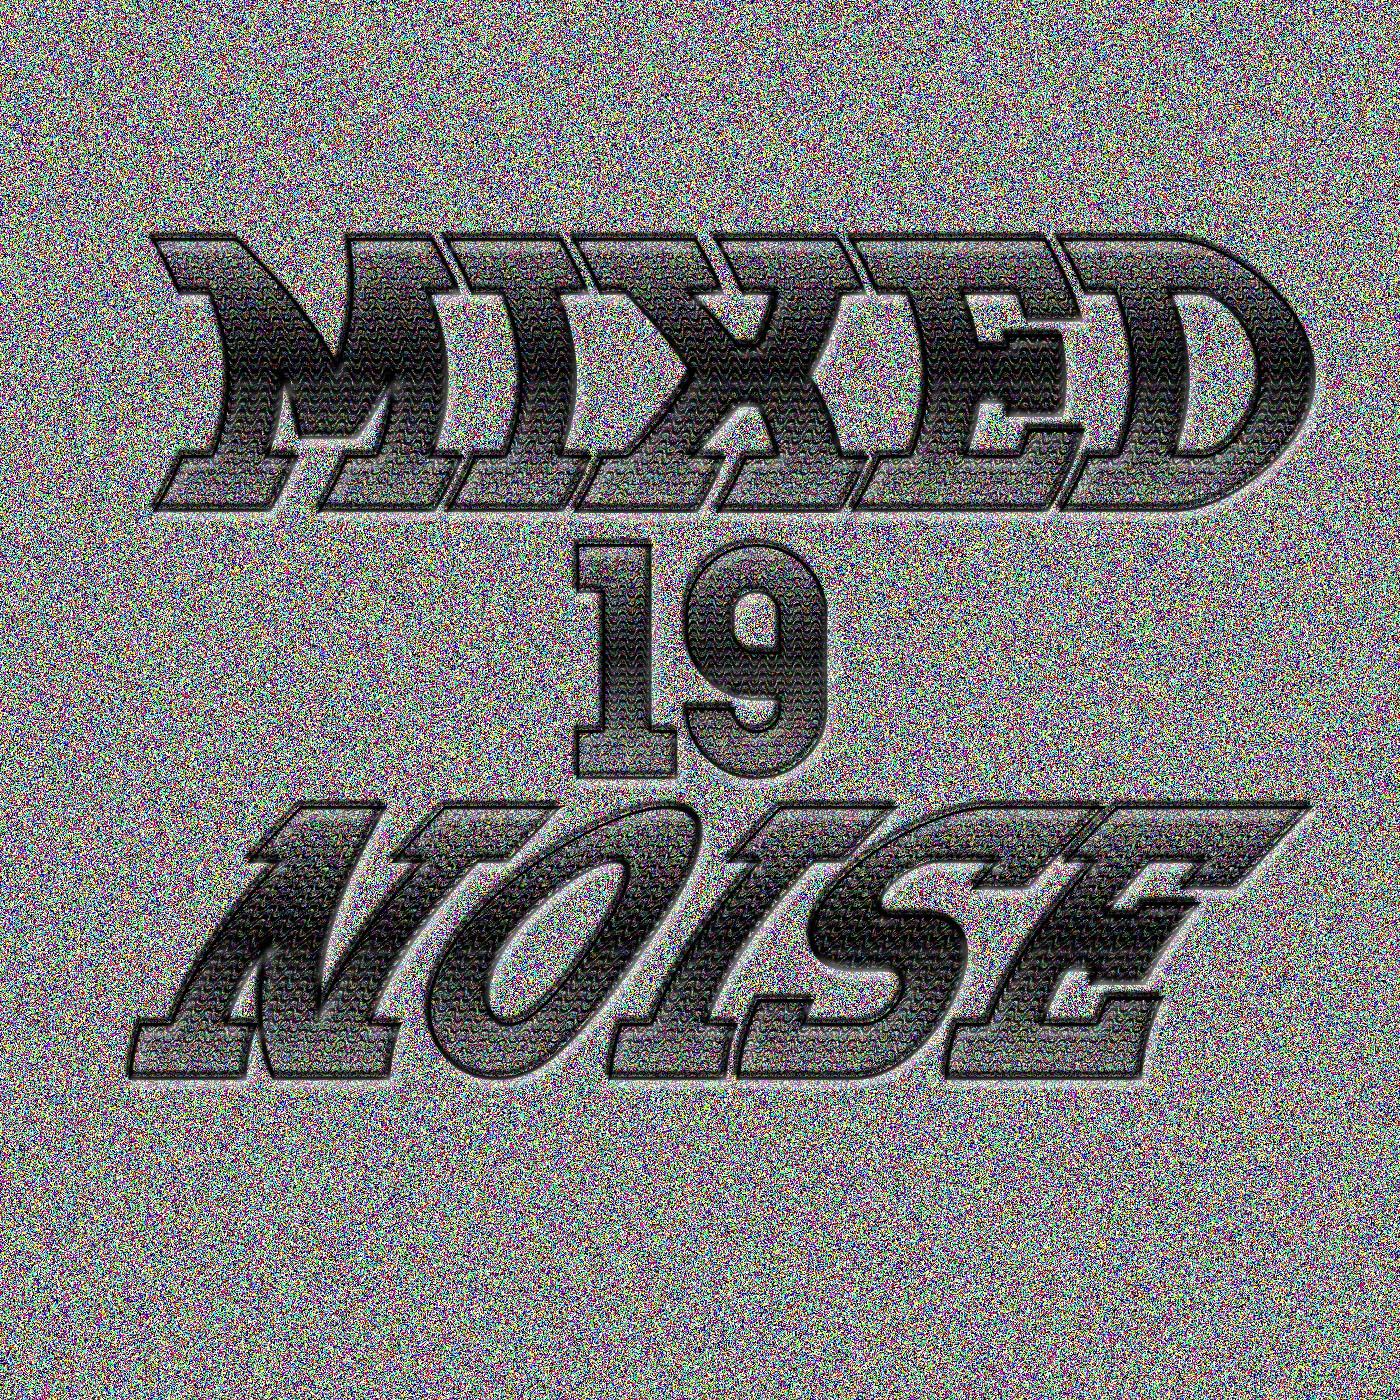 mixednoiselogo19